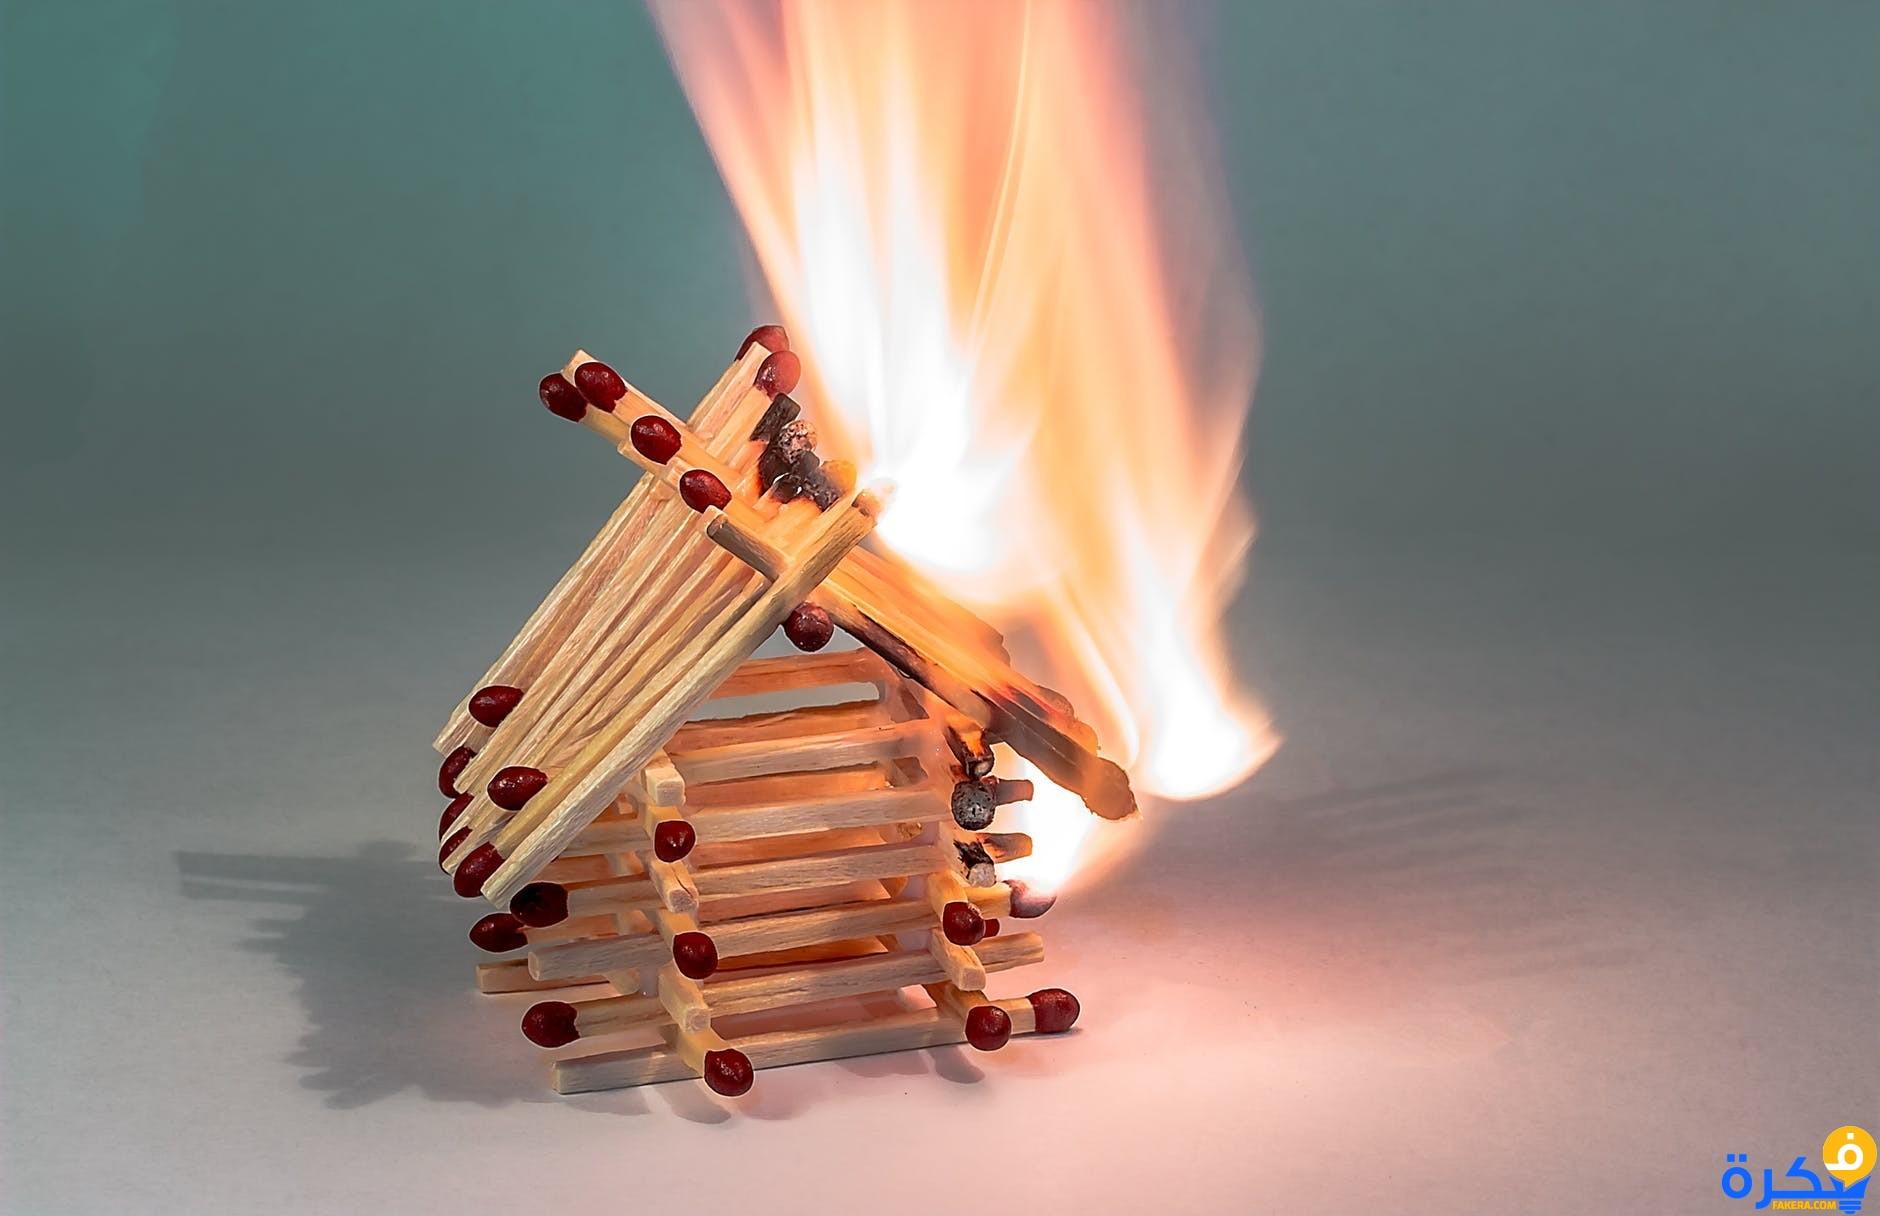 صور حريقه في المنام الله يرزقه الفردوس اللي يفسره , تفسير حلم النار في المنام